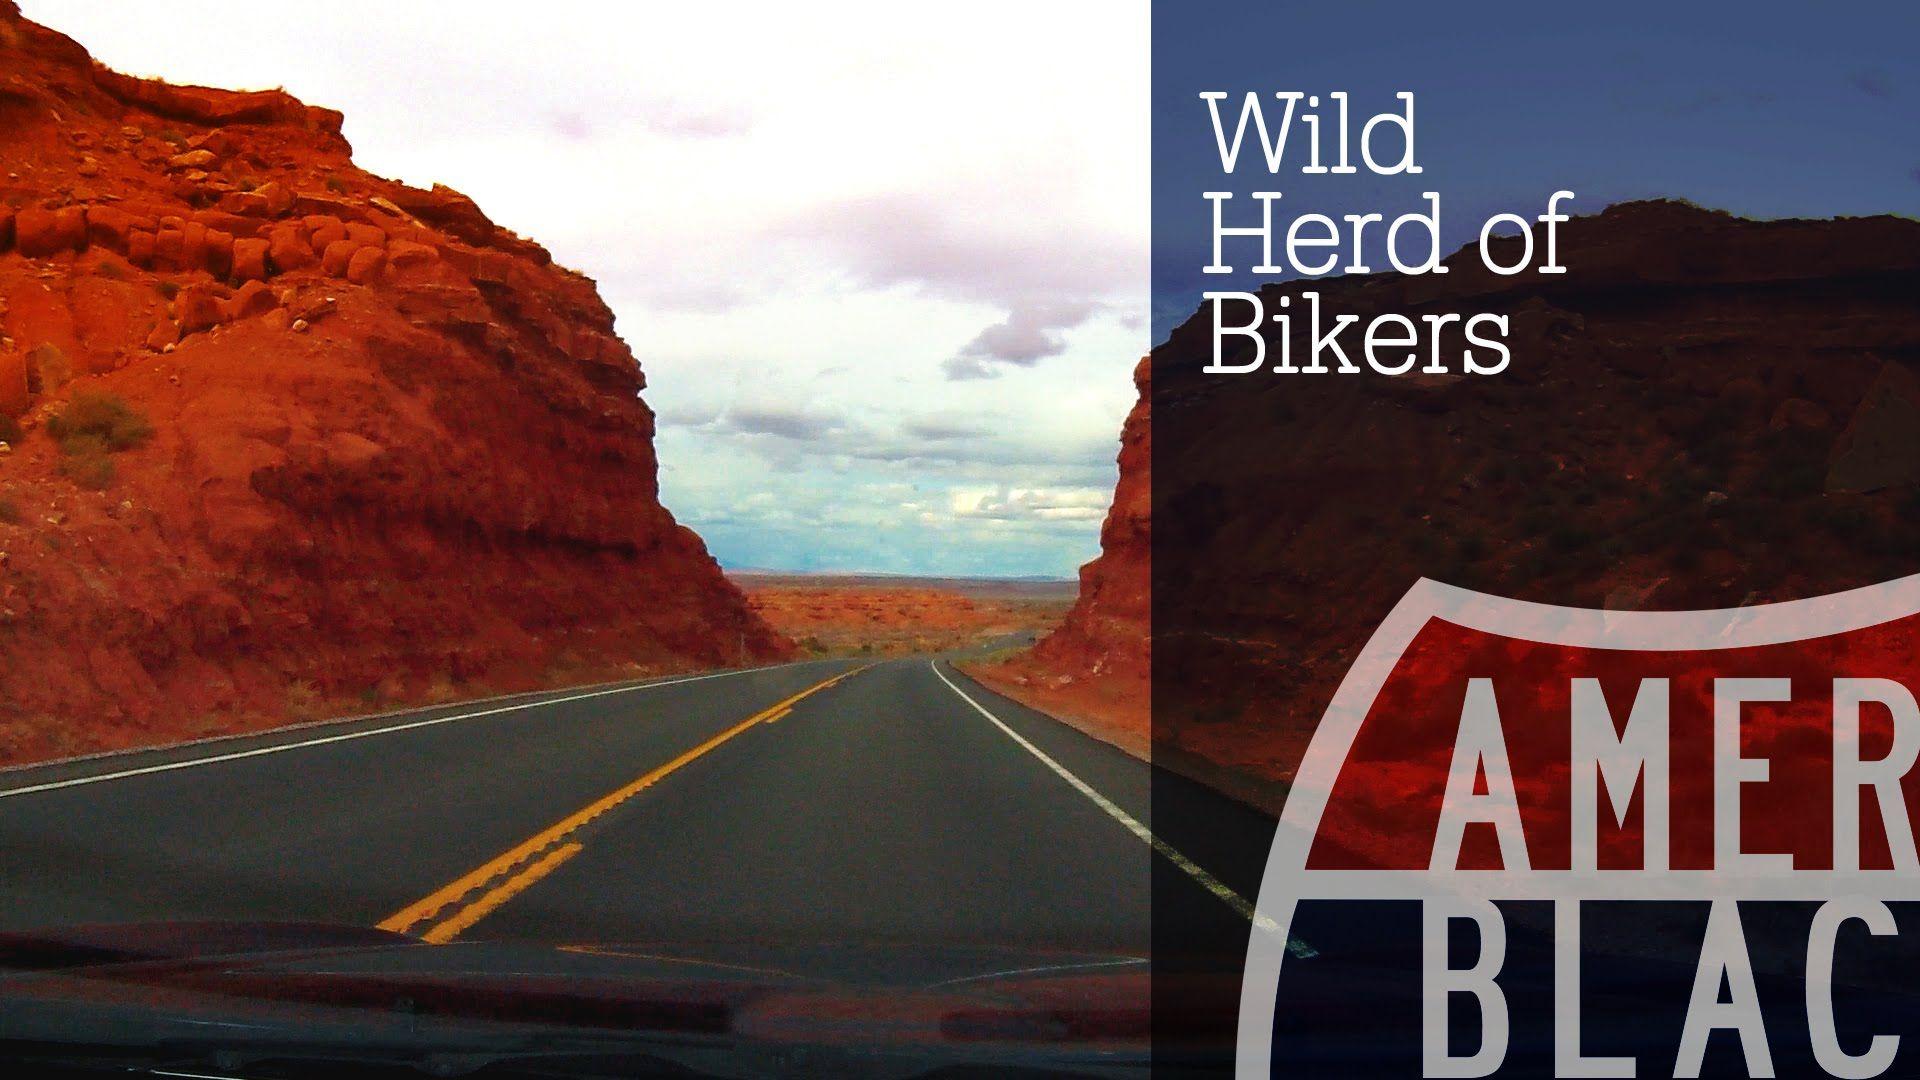 Harley Davidson Motorcycles - Wild Herd of Bikers in African Arizona